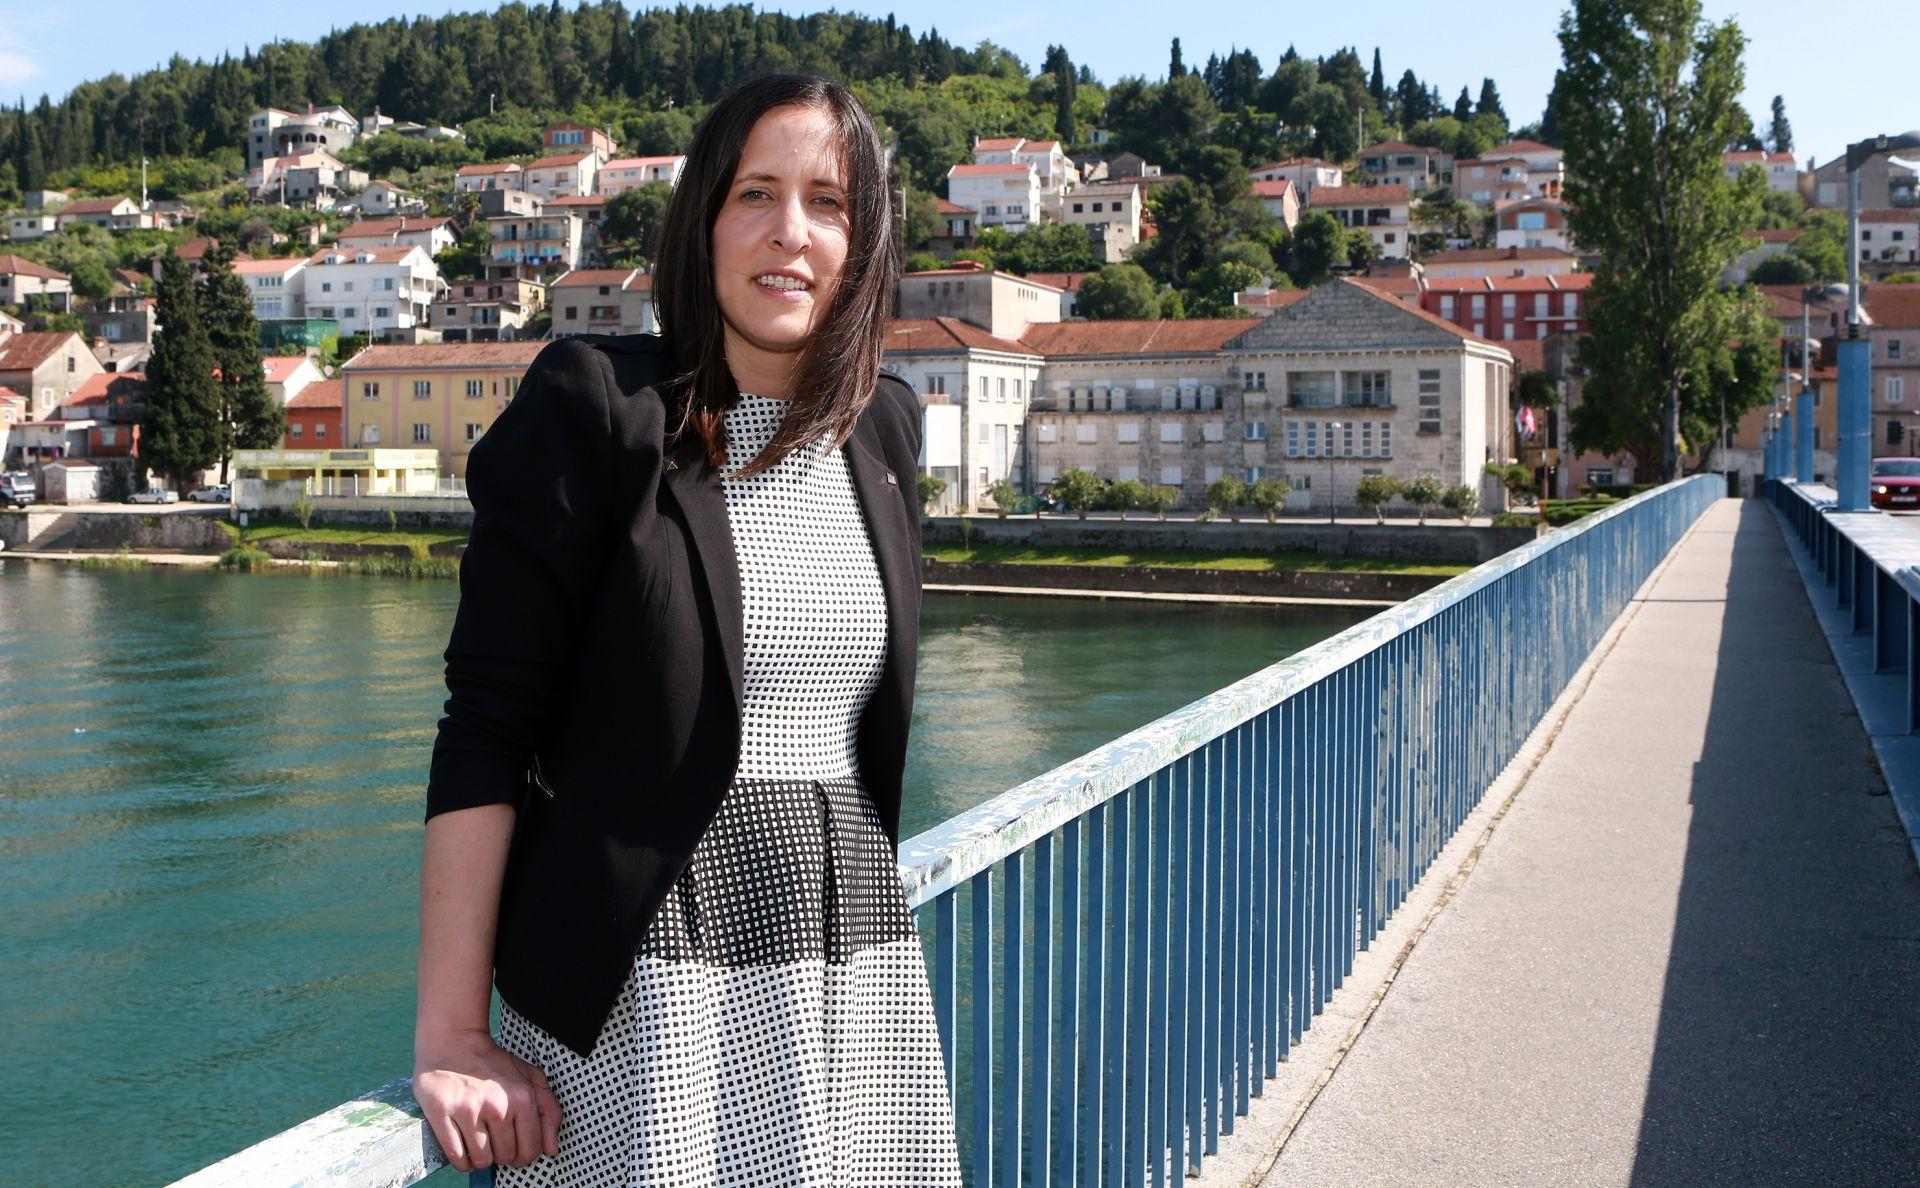 LOKALNI IZBORI: Katarina Ujdur kandidatkinja Mosta za gradonačelnicu Metkovića